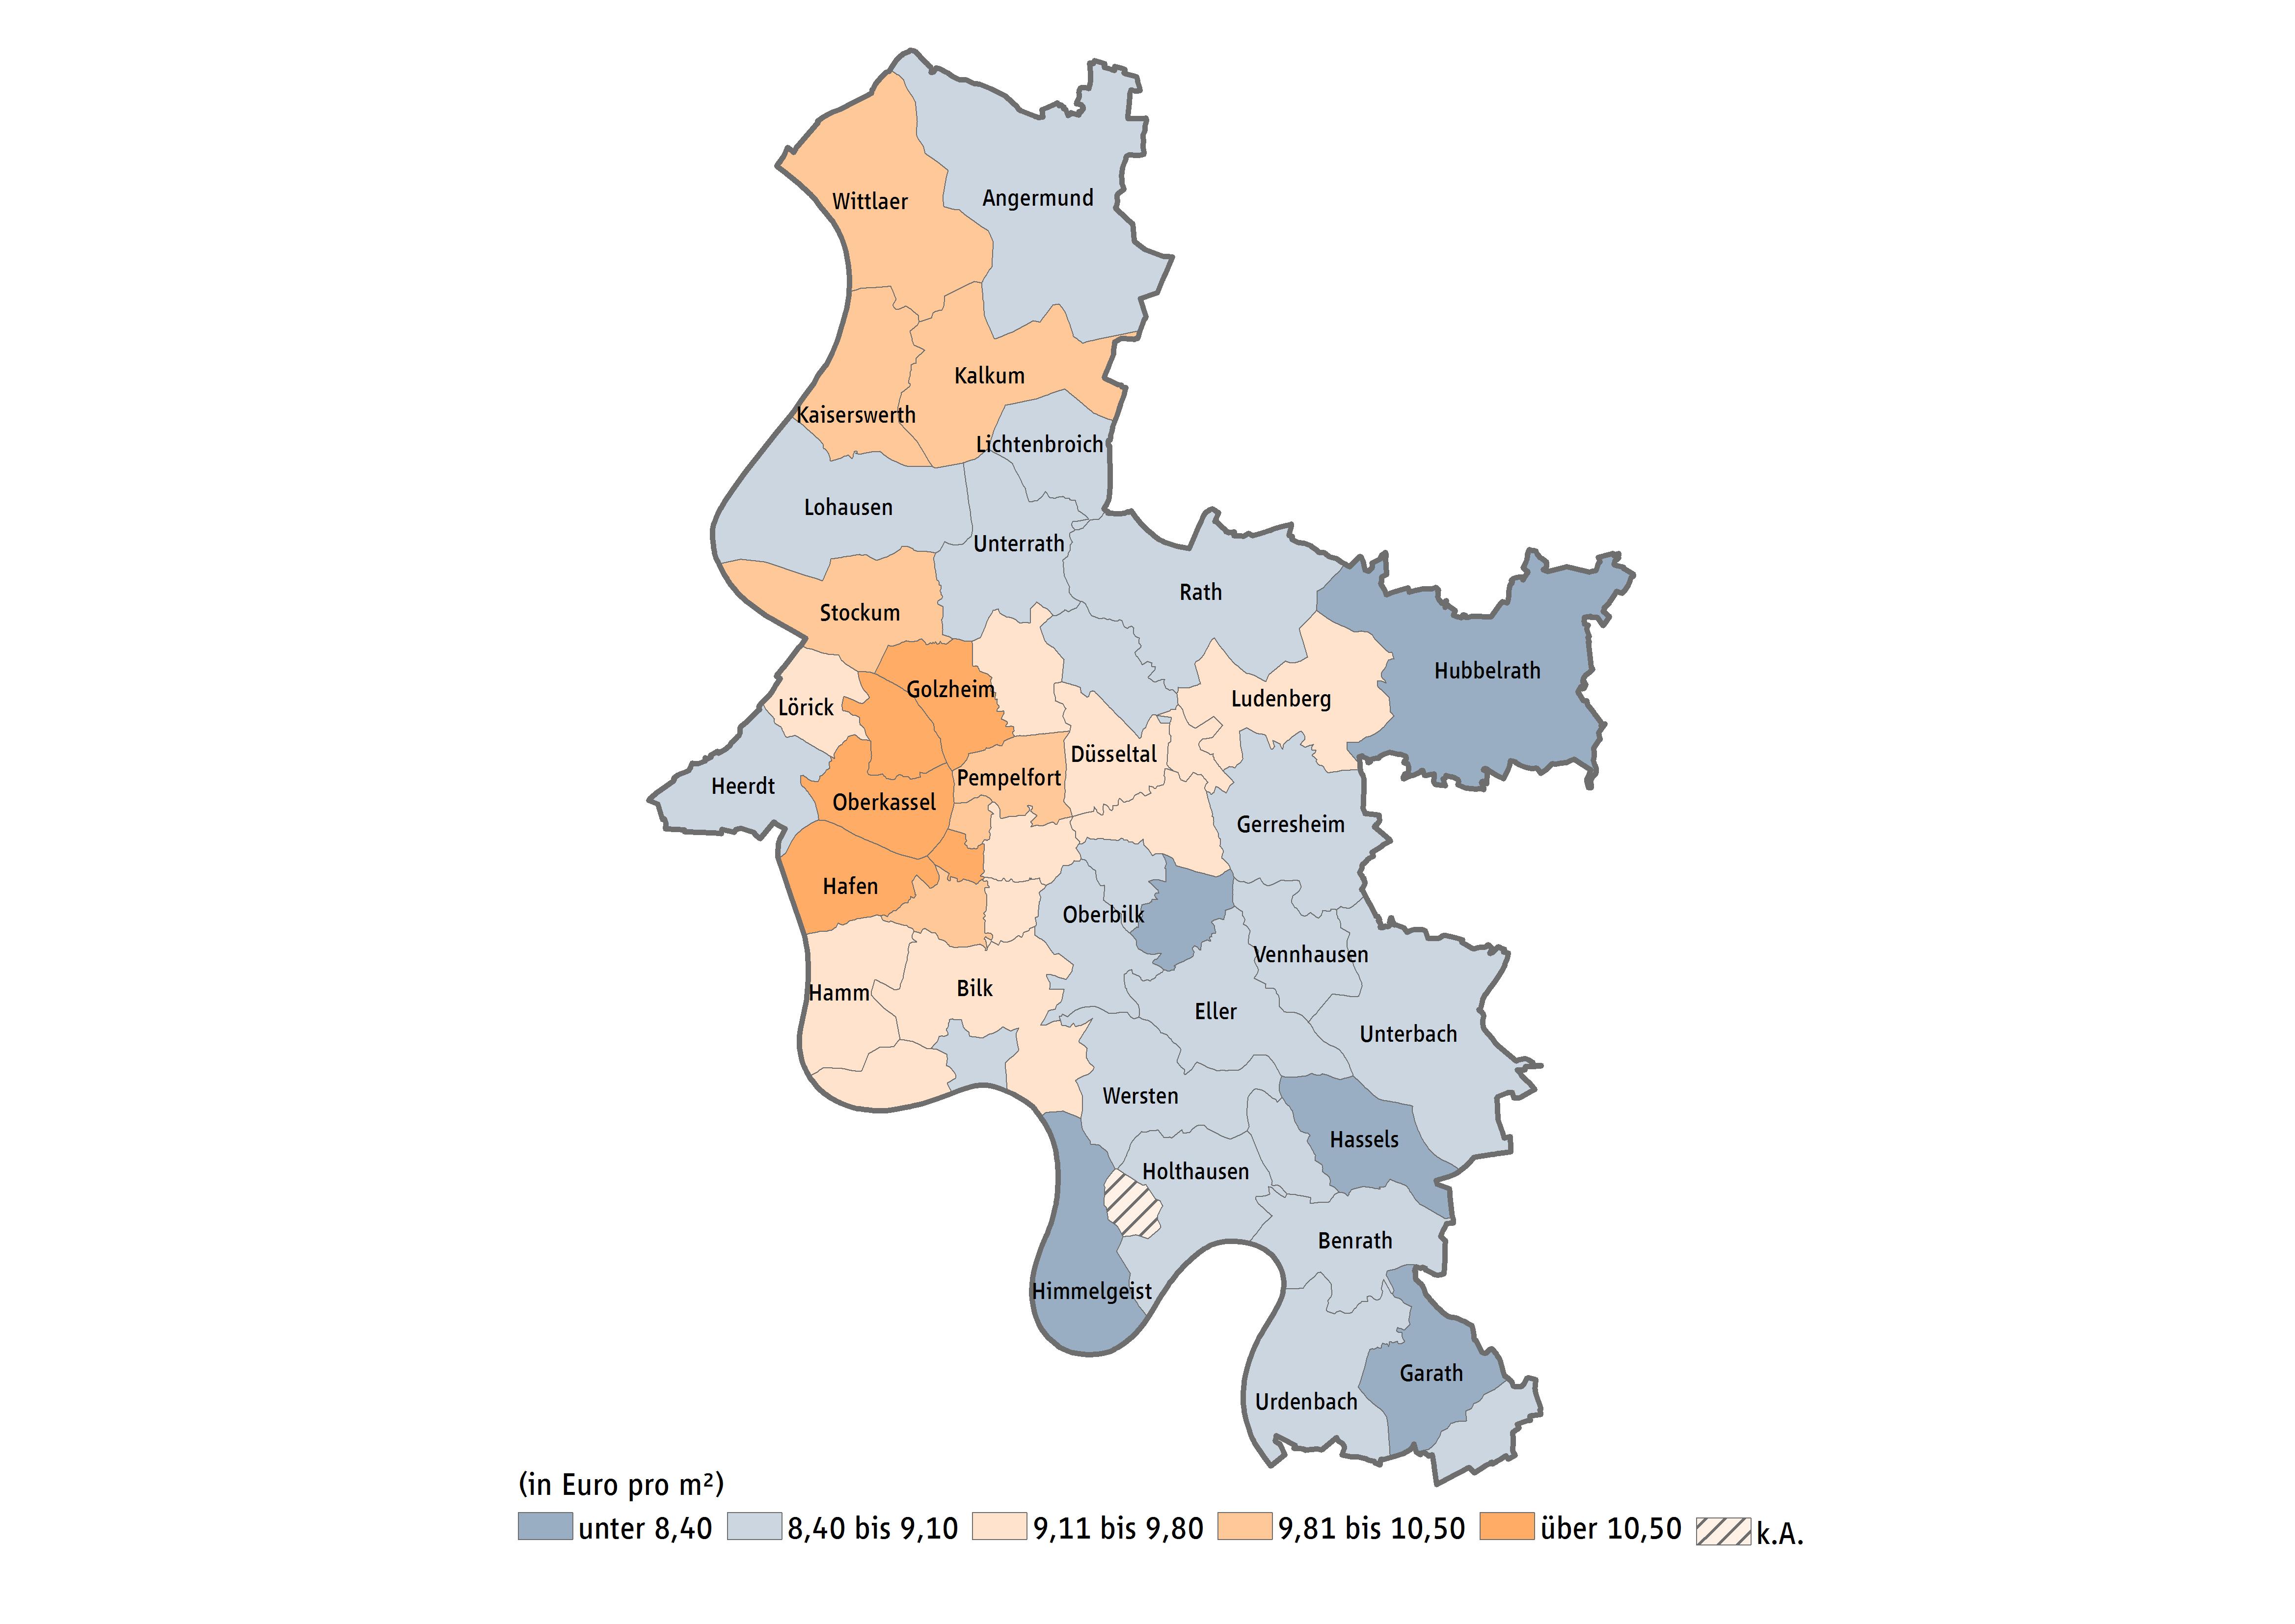 Düsseldorf Karte.Mietspiegel Düsseldorf Mietpreise Immobilienpreise